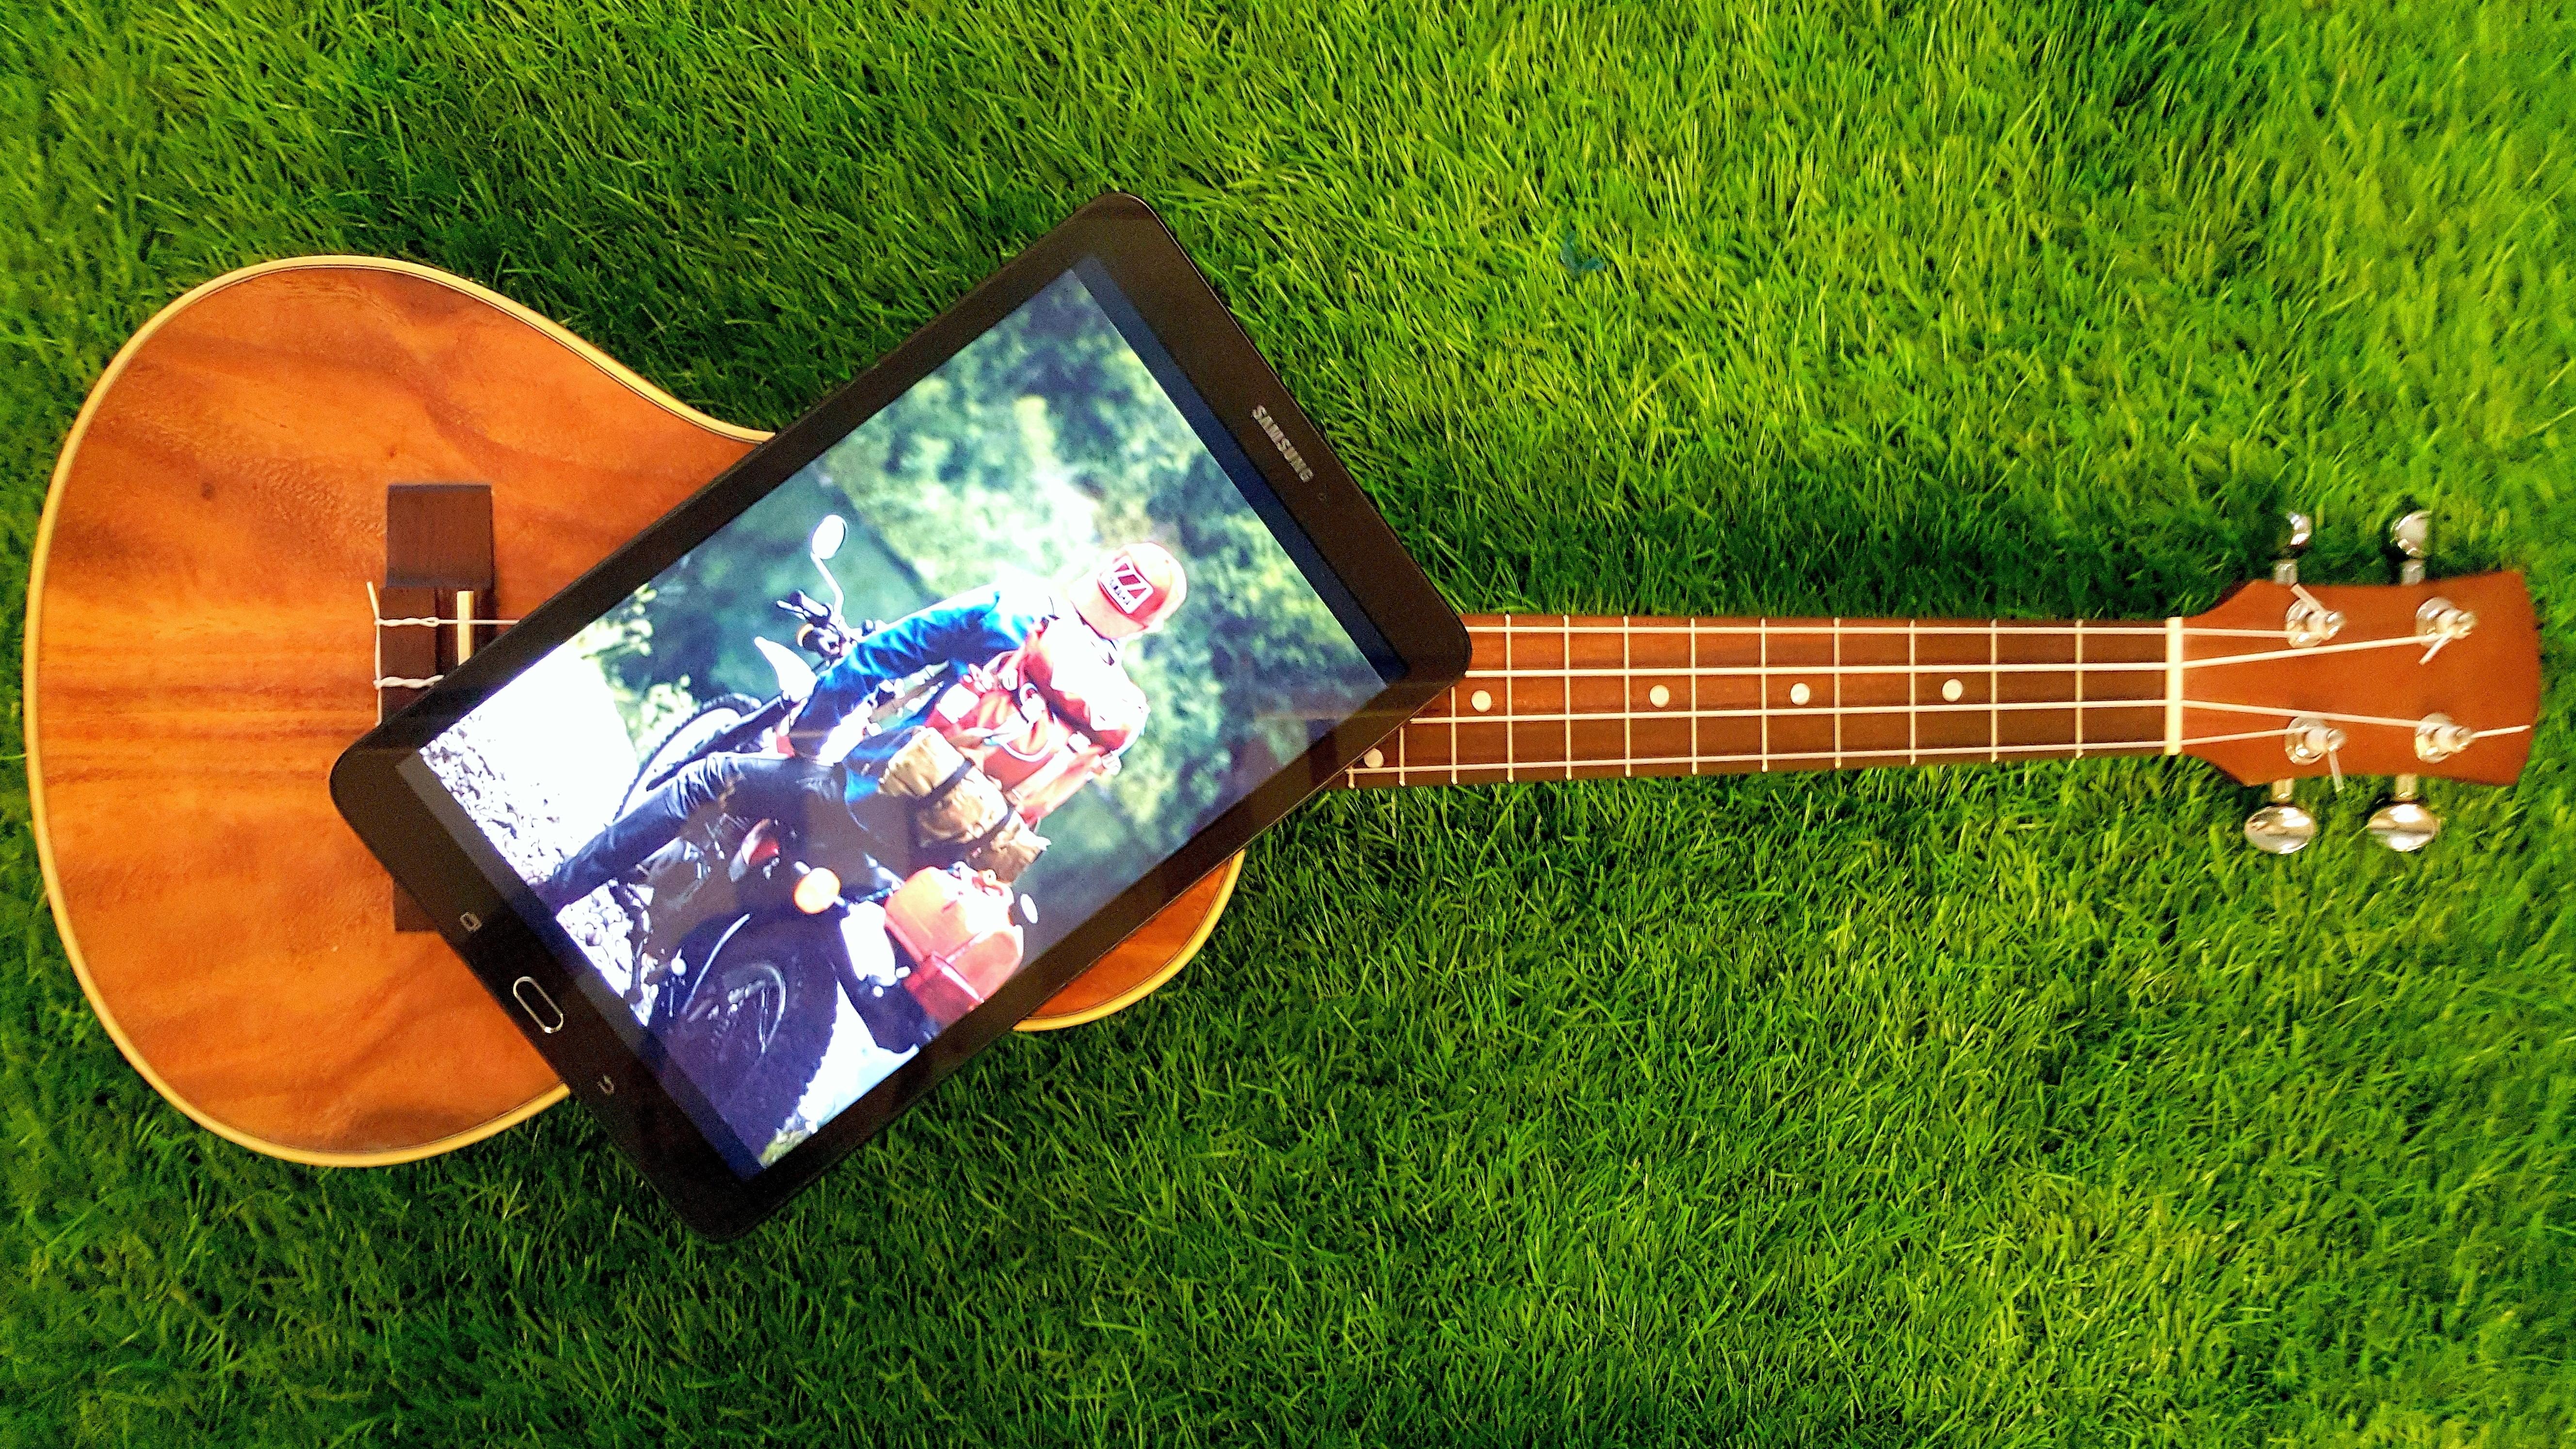 Galaxy Tab phân khúc tầm trung cấu hình ổn